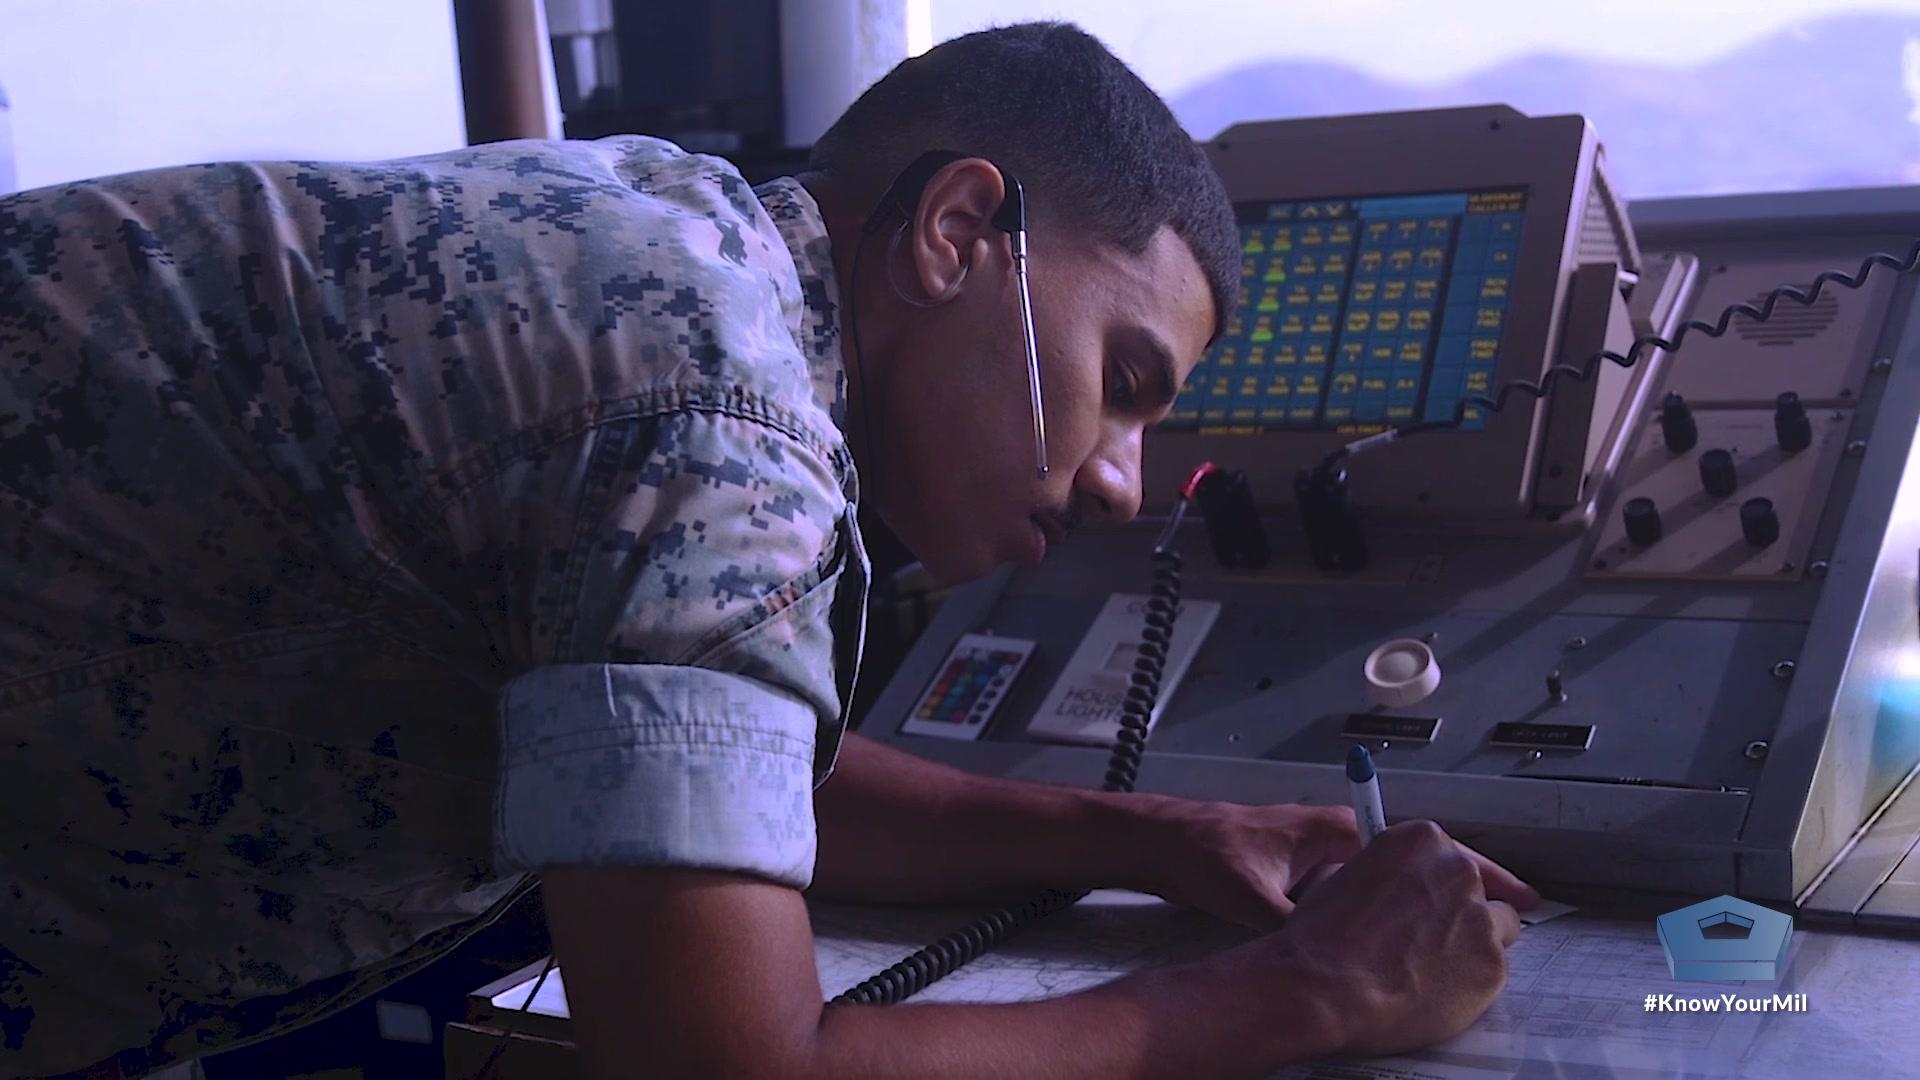 A Marine writes while in an air traffic control tower.